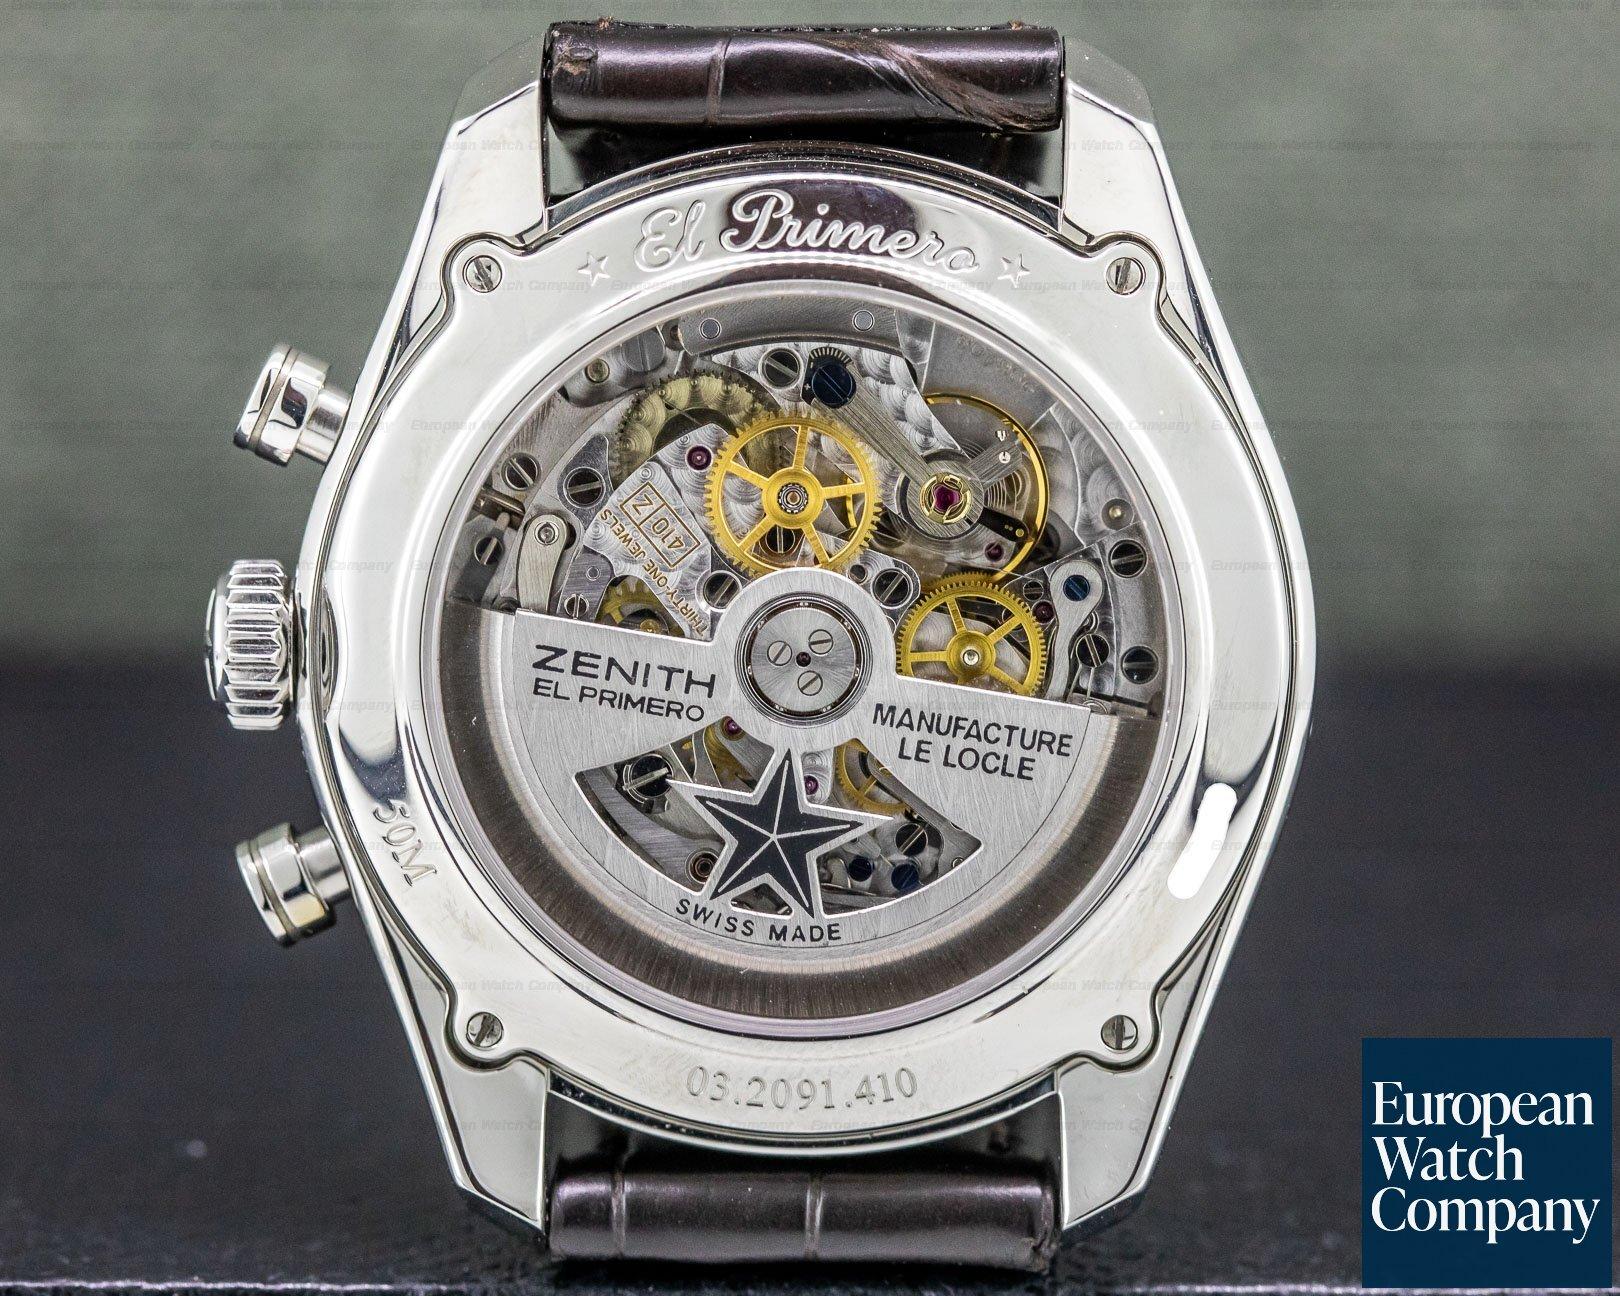 Zenith 03.2091.410/01.C494 El Primero 410 Annual Calendar Silver Dial